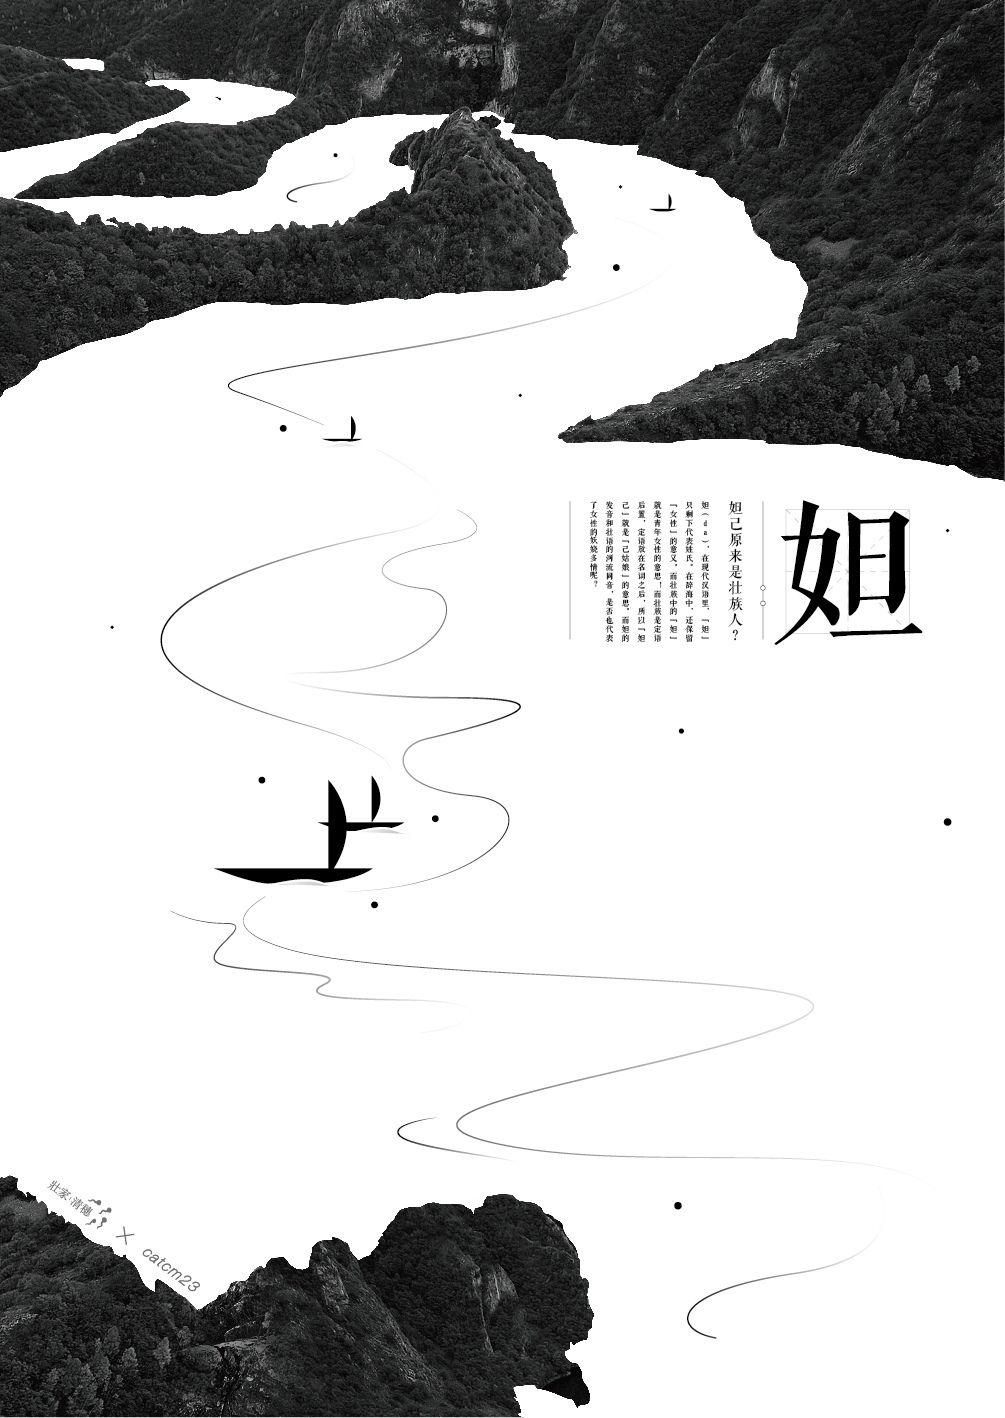 壮语里的汉字 十三个字 壮家清穗 妲己原来是壮族人 妲 Da